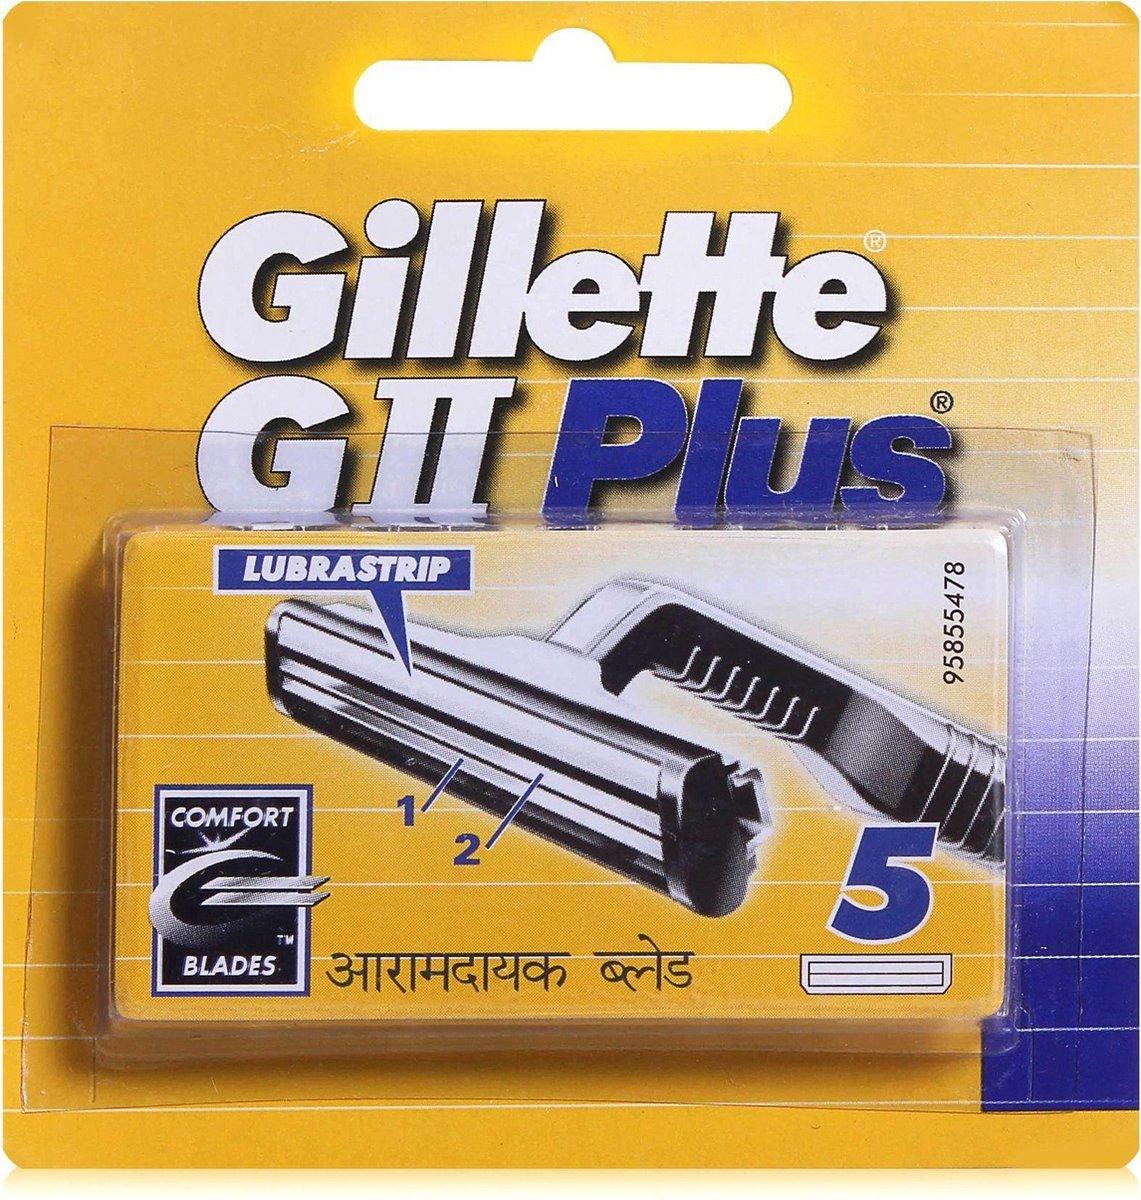 Gillette G2 Plus scheermesjes 5st - Gillette